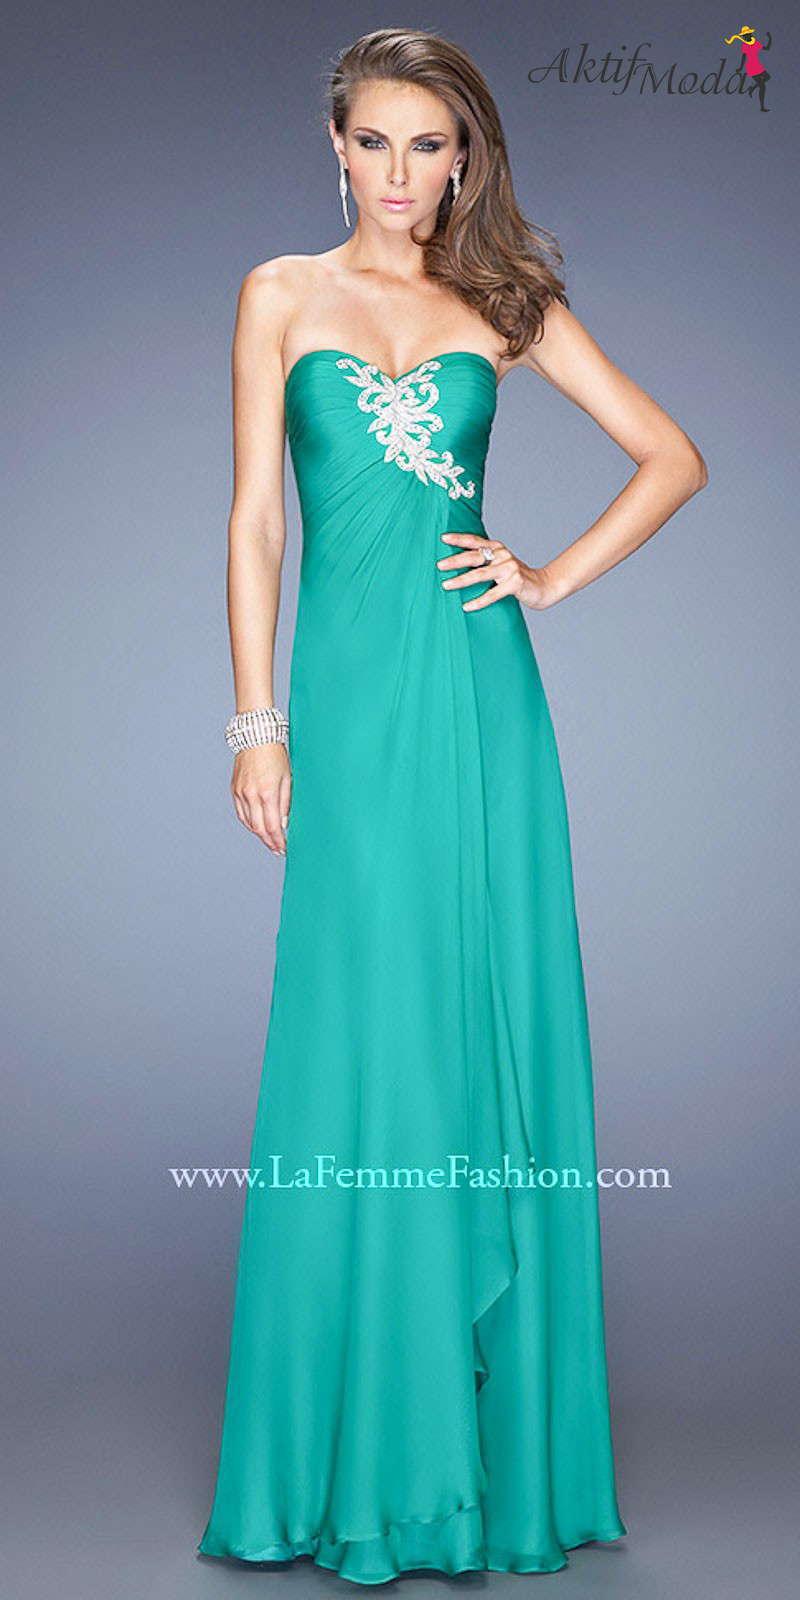 552ba5f0ce8c6 Yeşil Elbise Modelleri 2015 - Aktif Moda